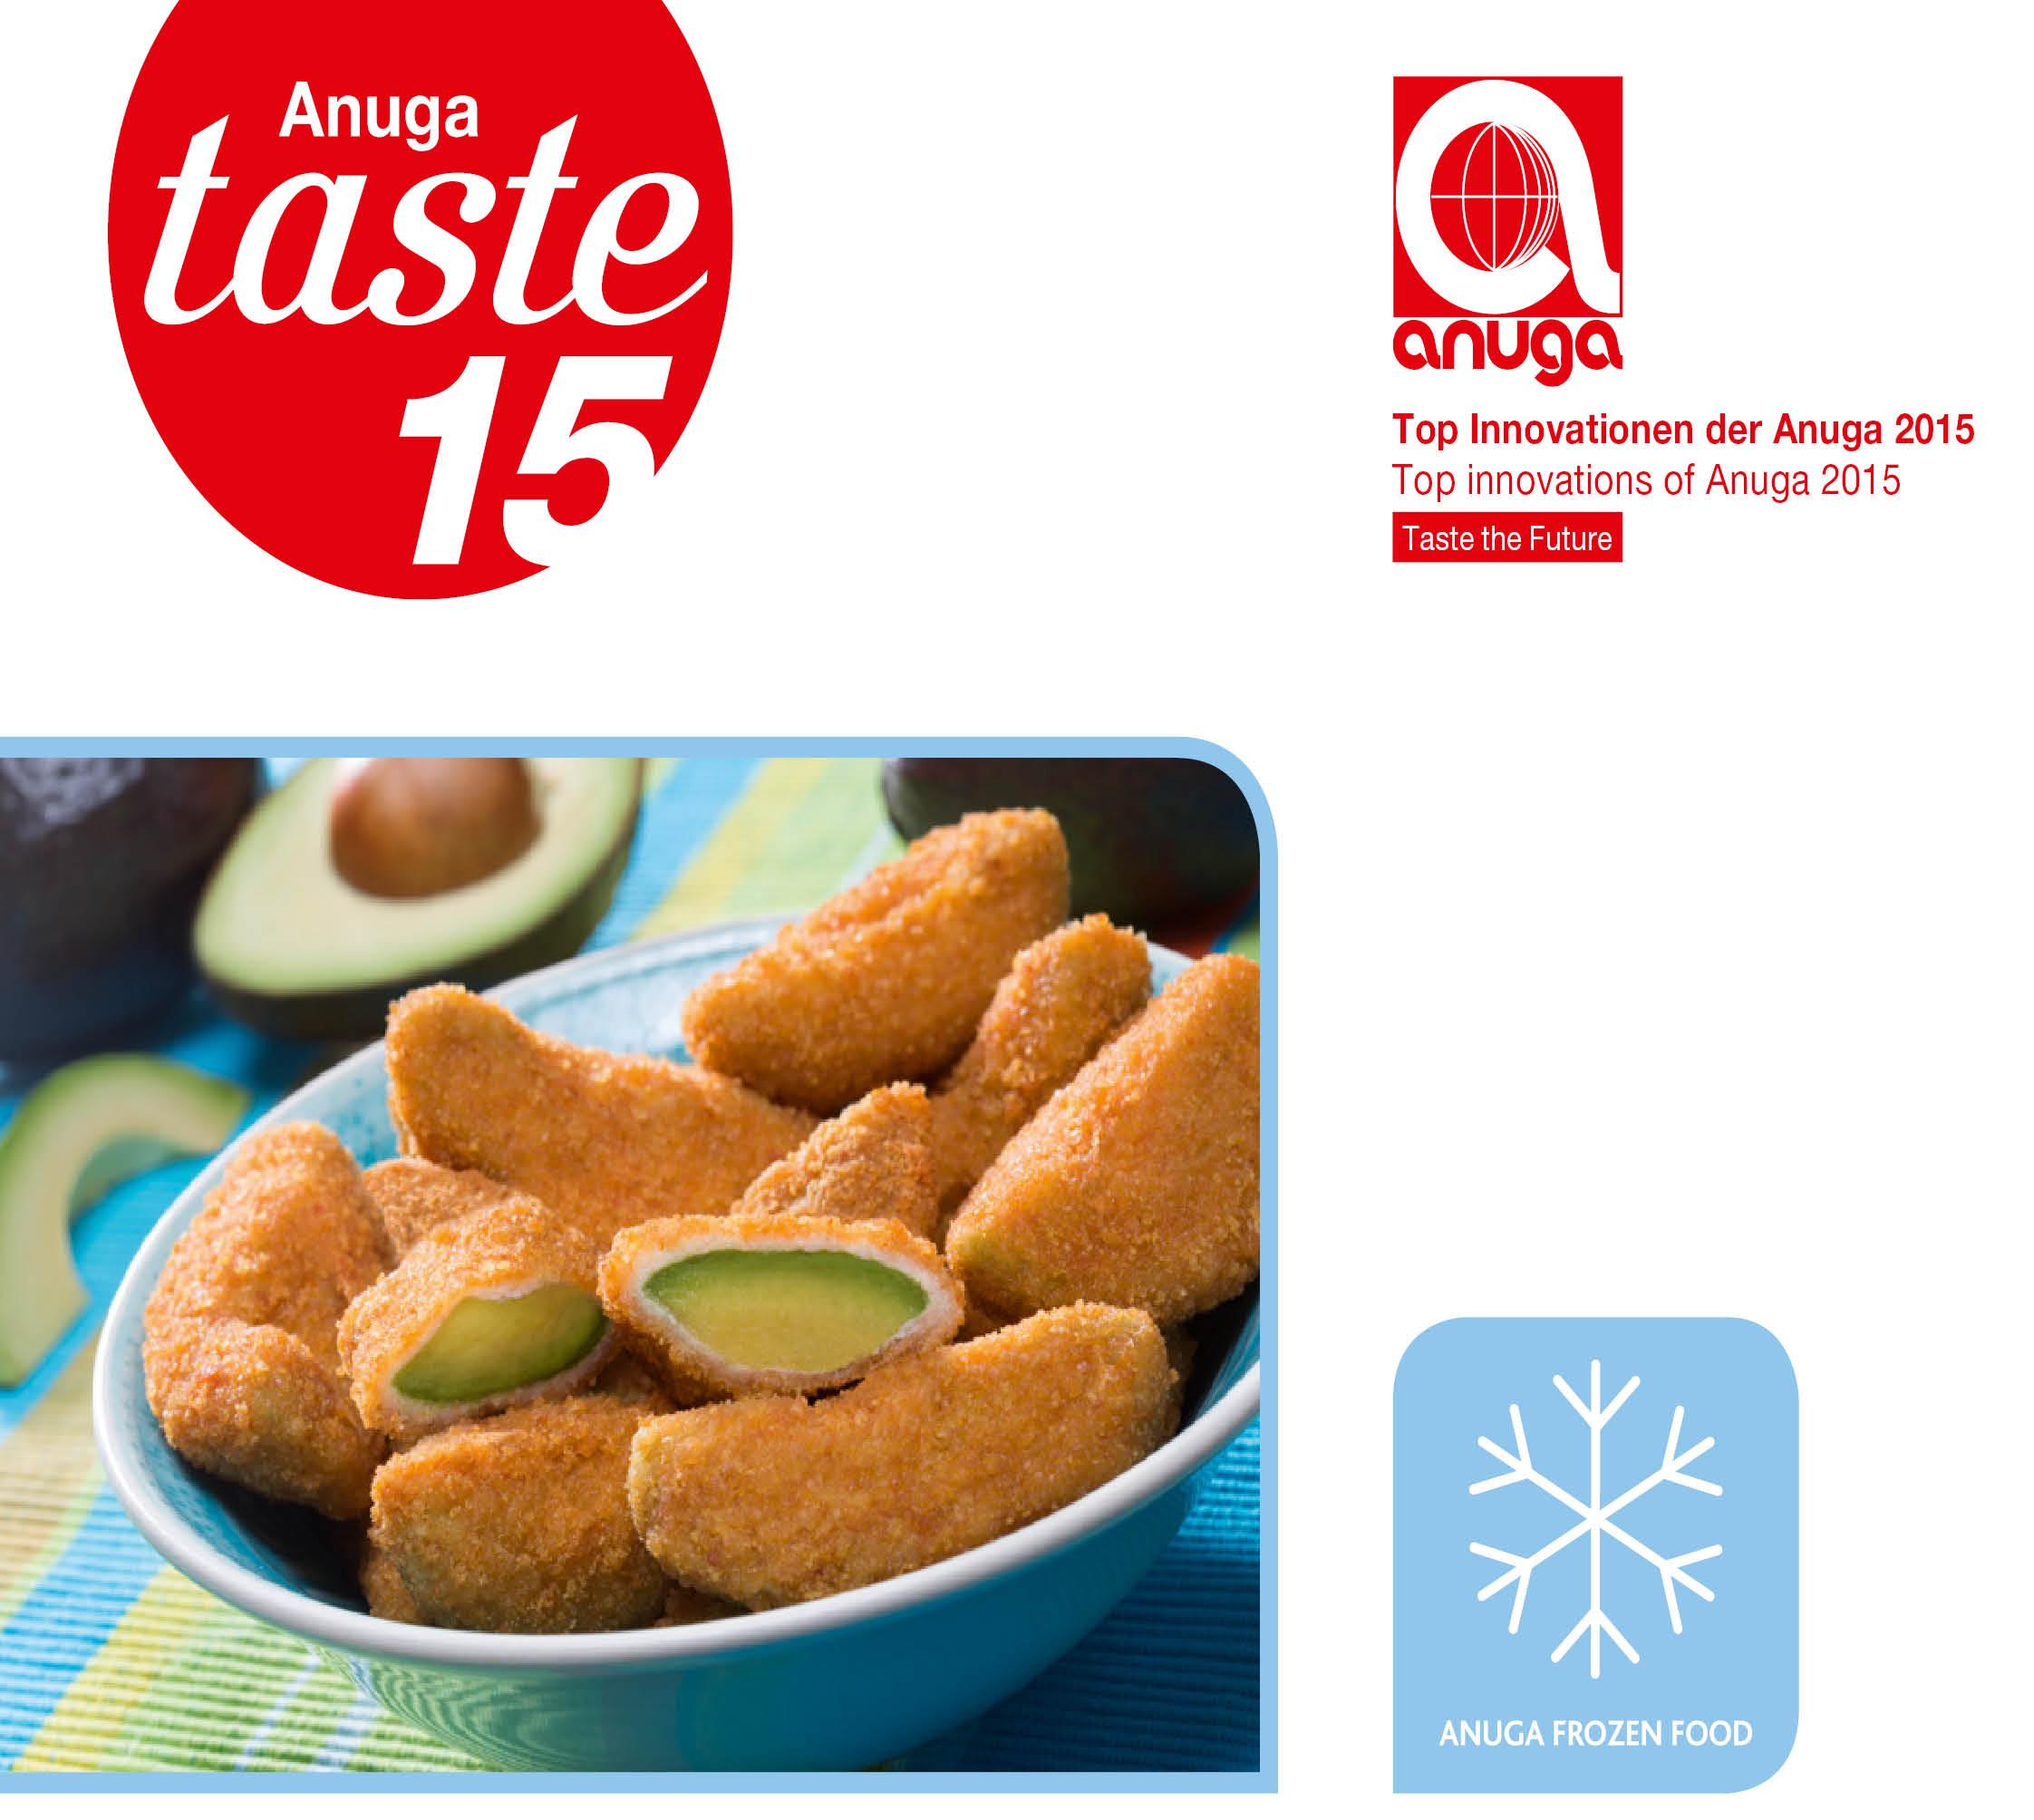 images/Taste-award.jpg